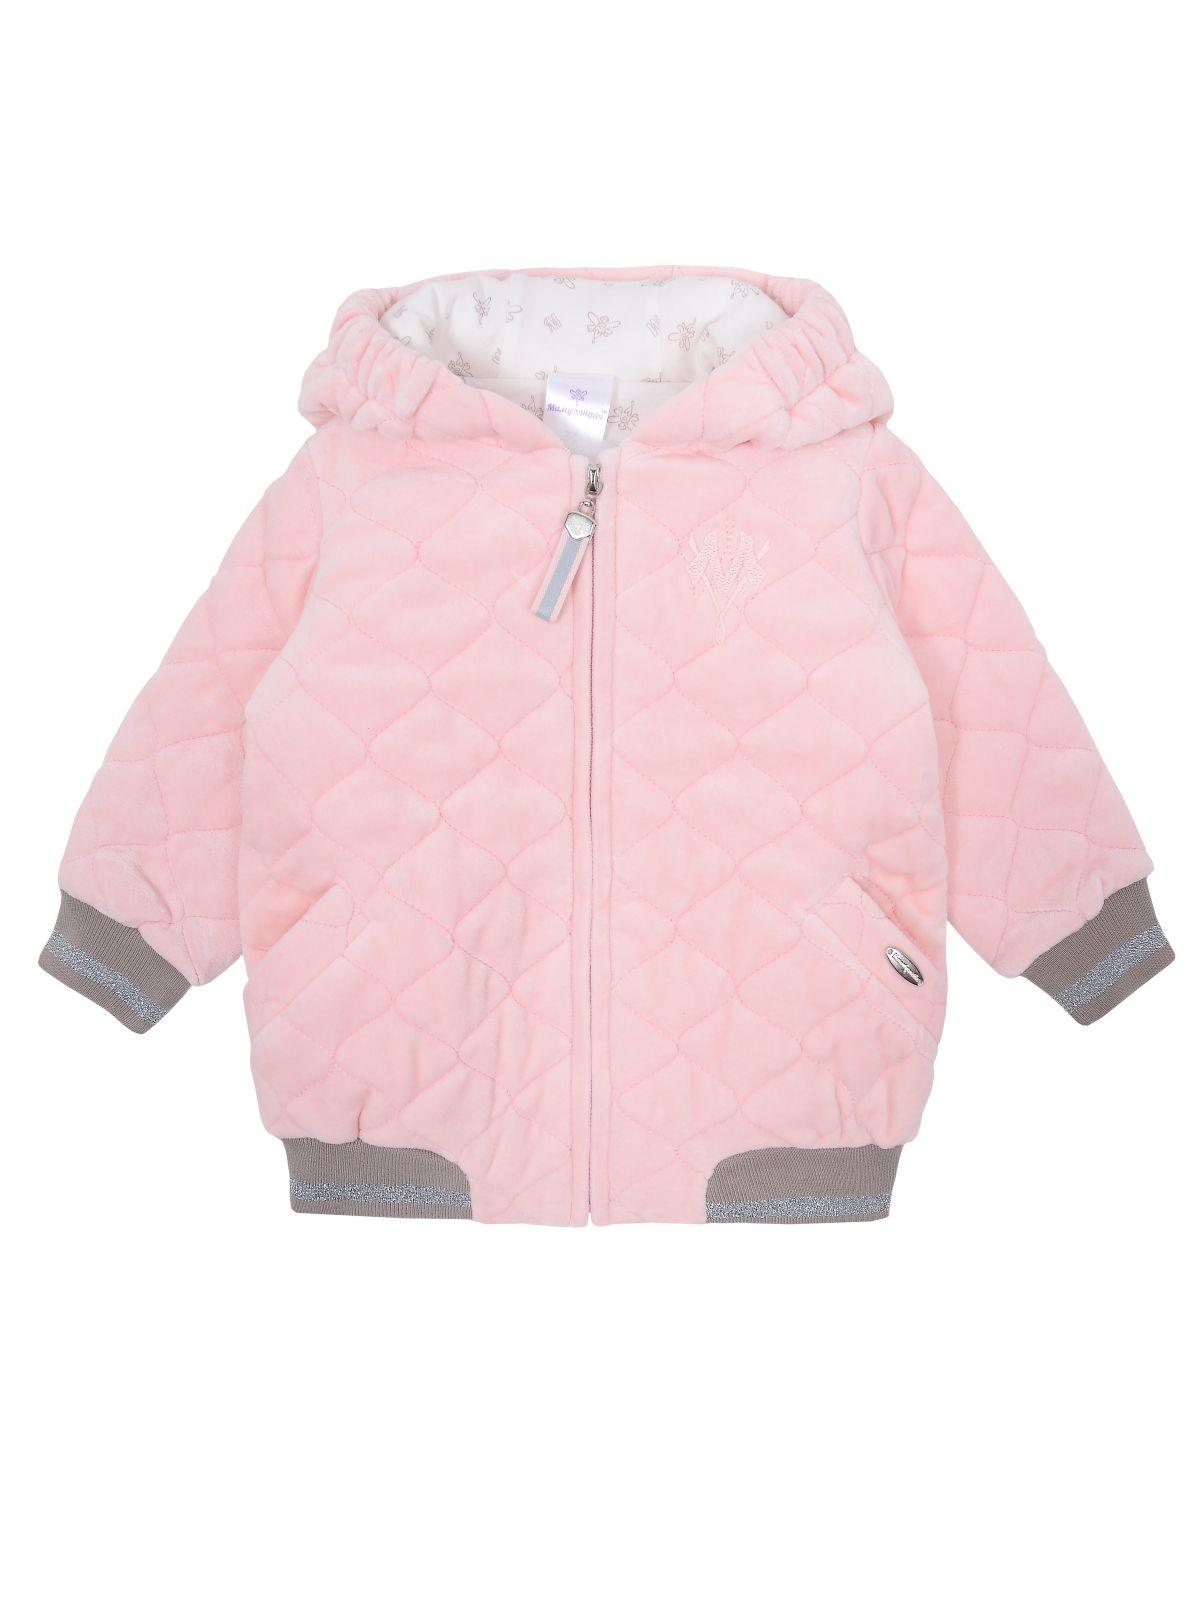 Куртка для девочки Мамуляндия 19-508, Велюр, Розовый р. 74 фото